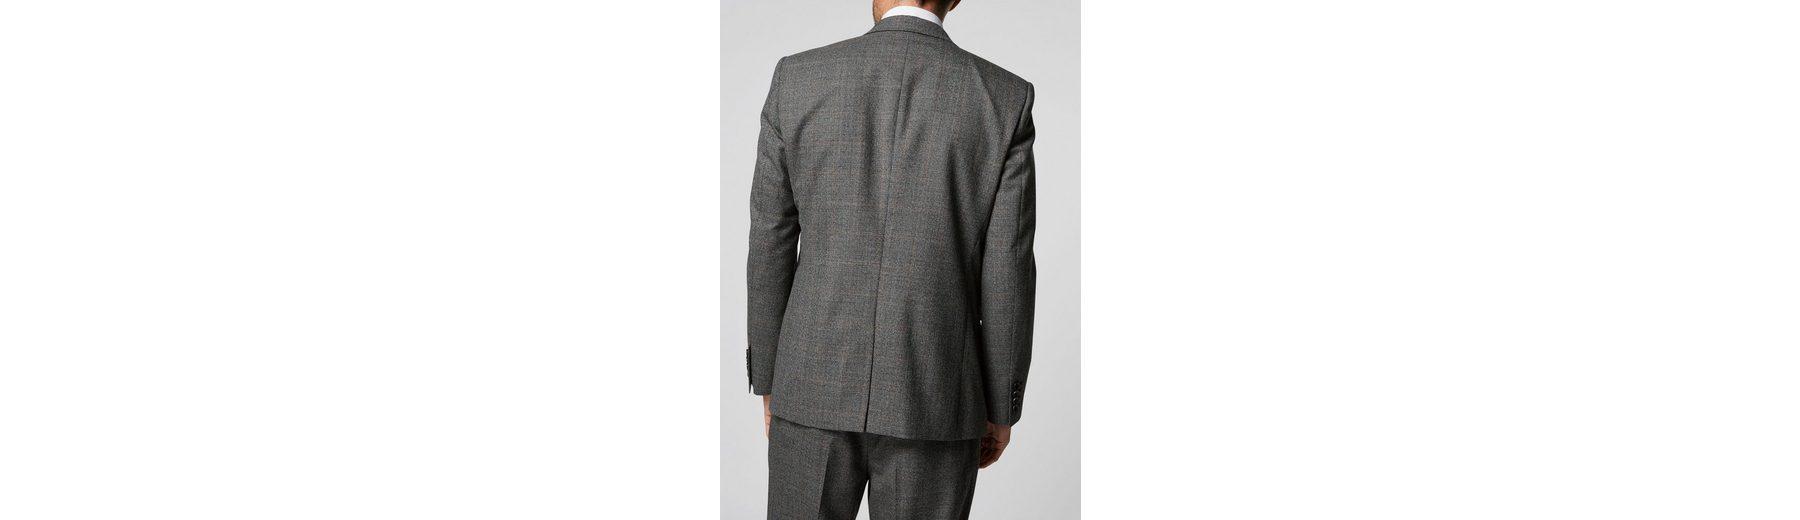 Next Karierter Baukasten-Anzug-Sakko aus britischem Wollstoff Billig Größte Lieferant lvG2IDG